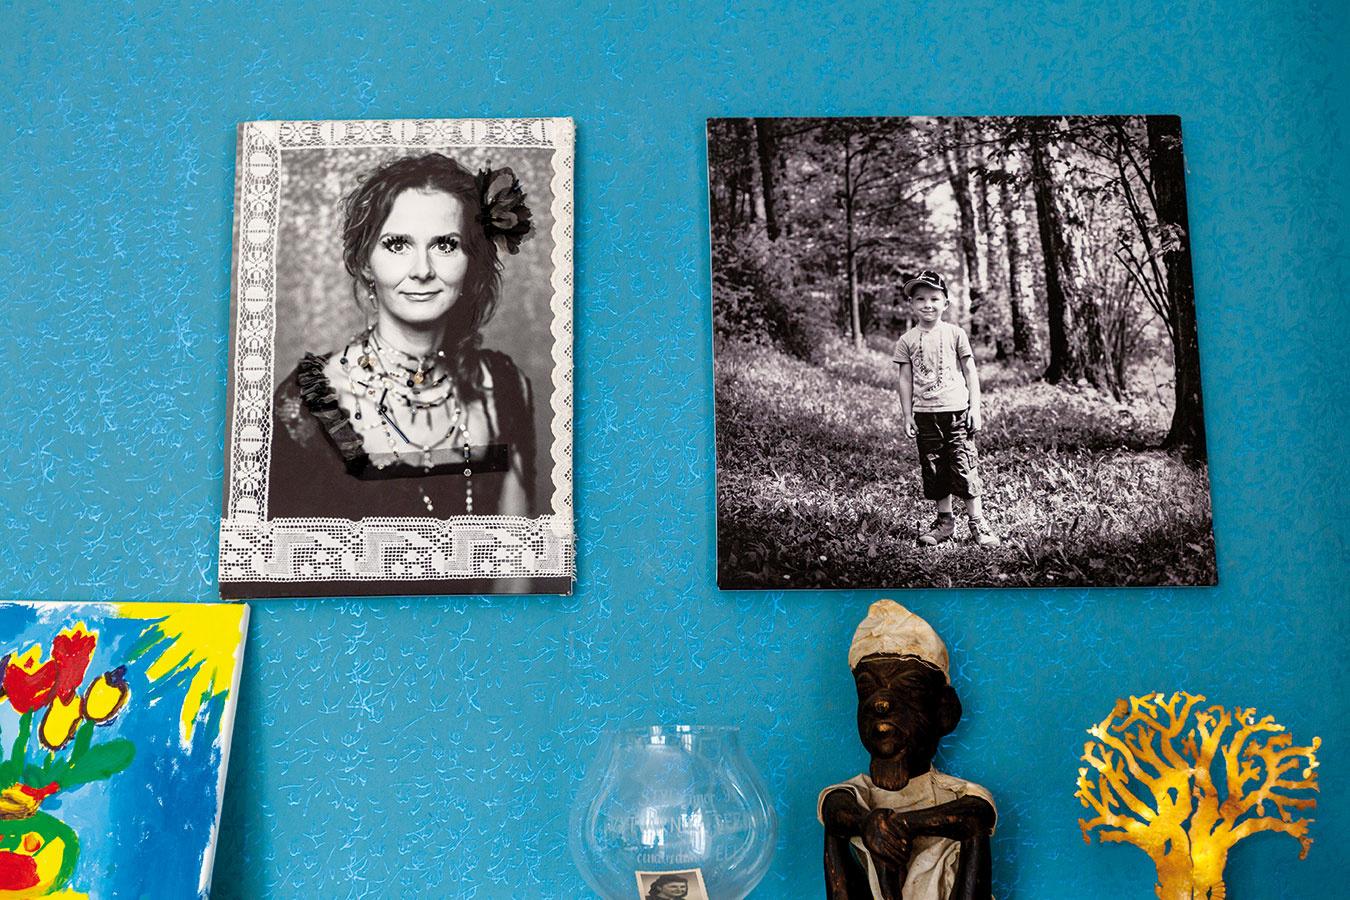 Zo stien sa prihovárajú éterické fotografie Dity Pepe. Jedna znich spodobuje portrétovanú Ladu akoby vinom čase, Ladine korálikové ačipkované aplikácie vkomponované do fotografie posúvajú čas do priestoru.